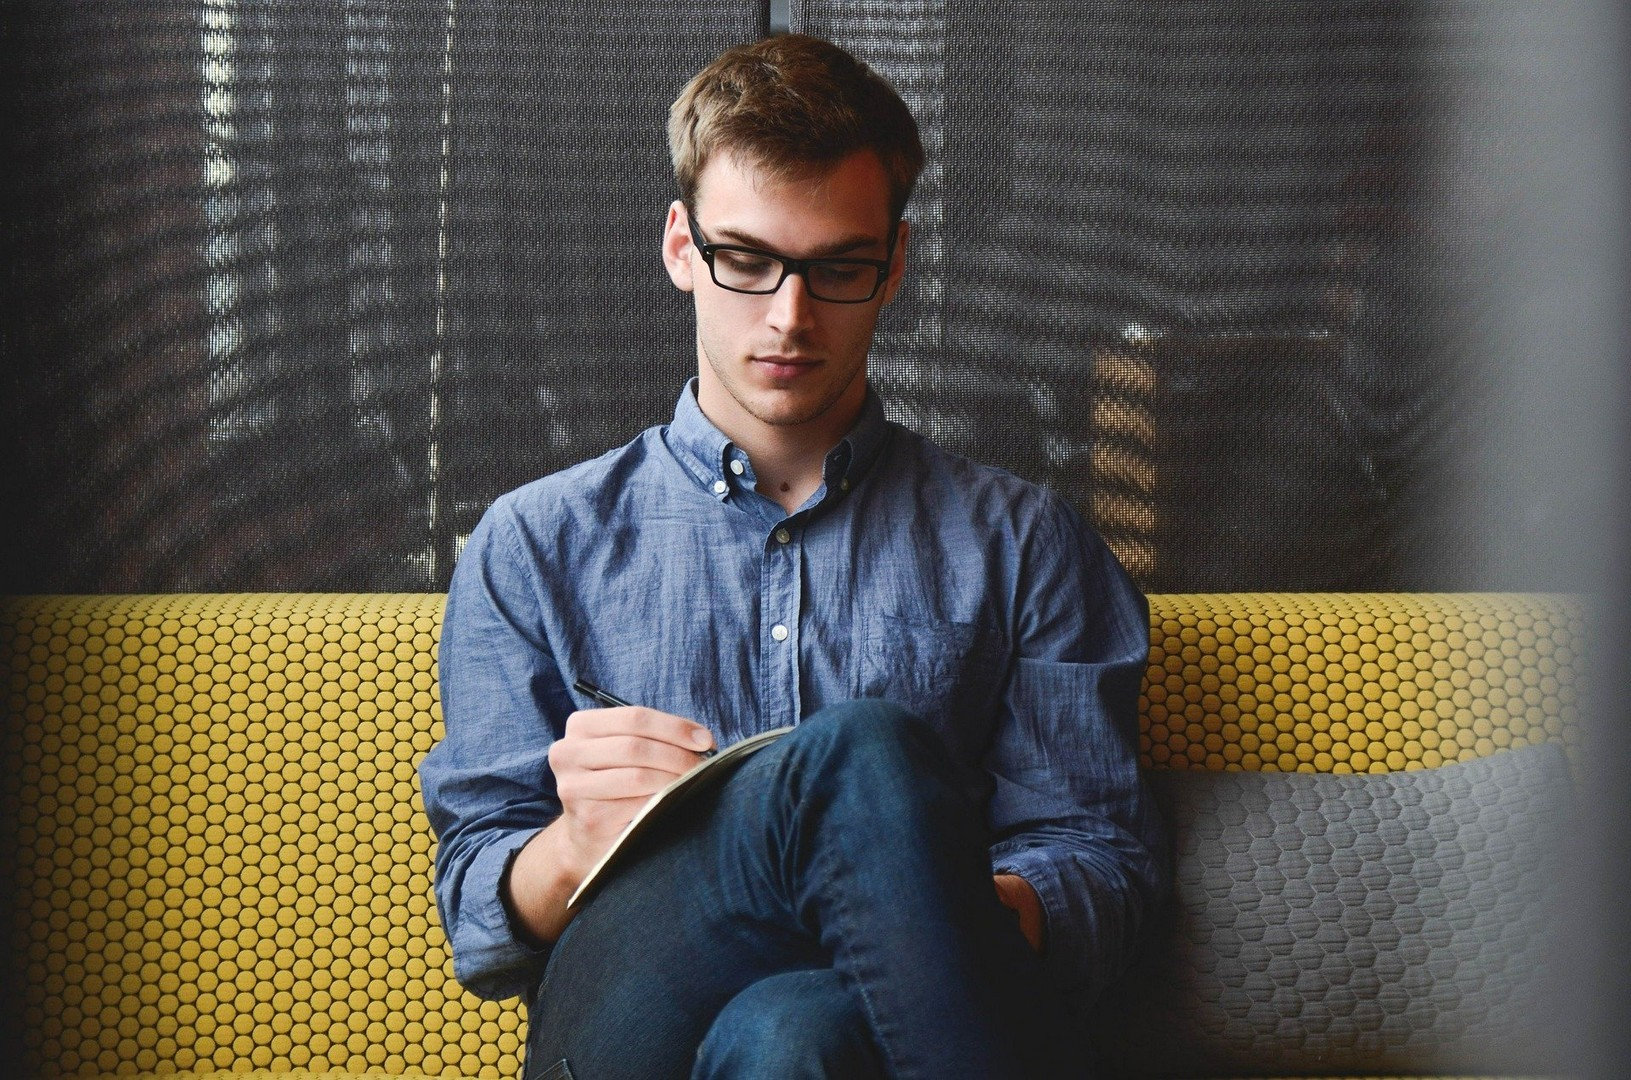 Что делать, если муж не работает и не хочет искать работу?